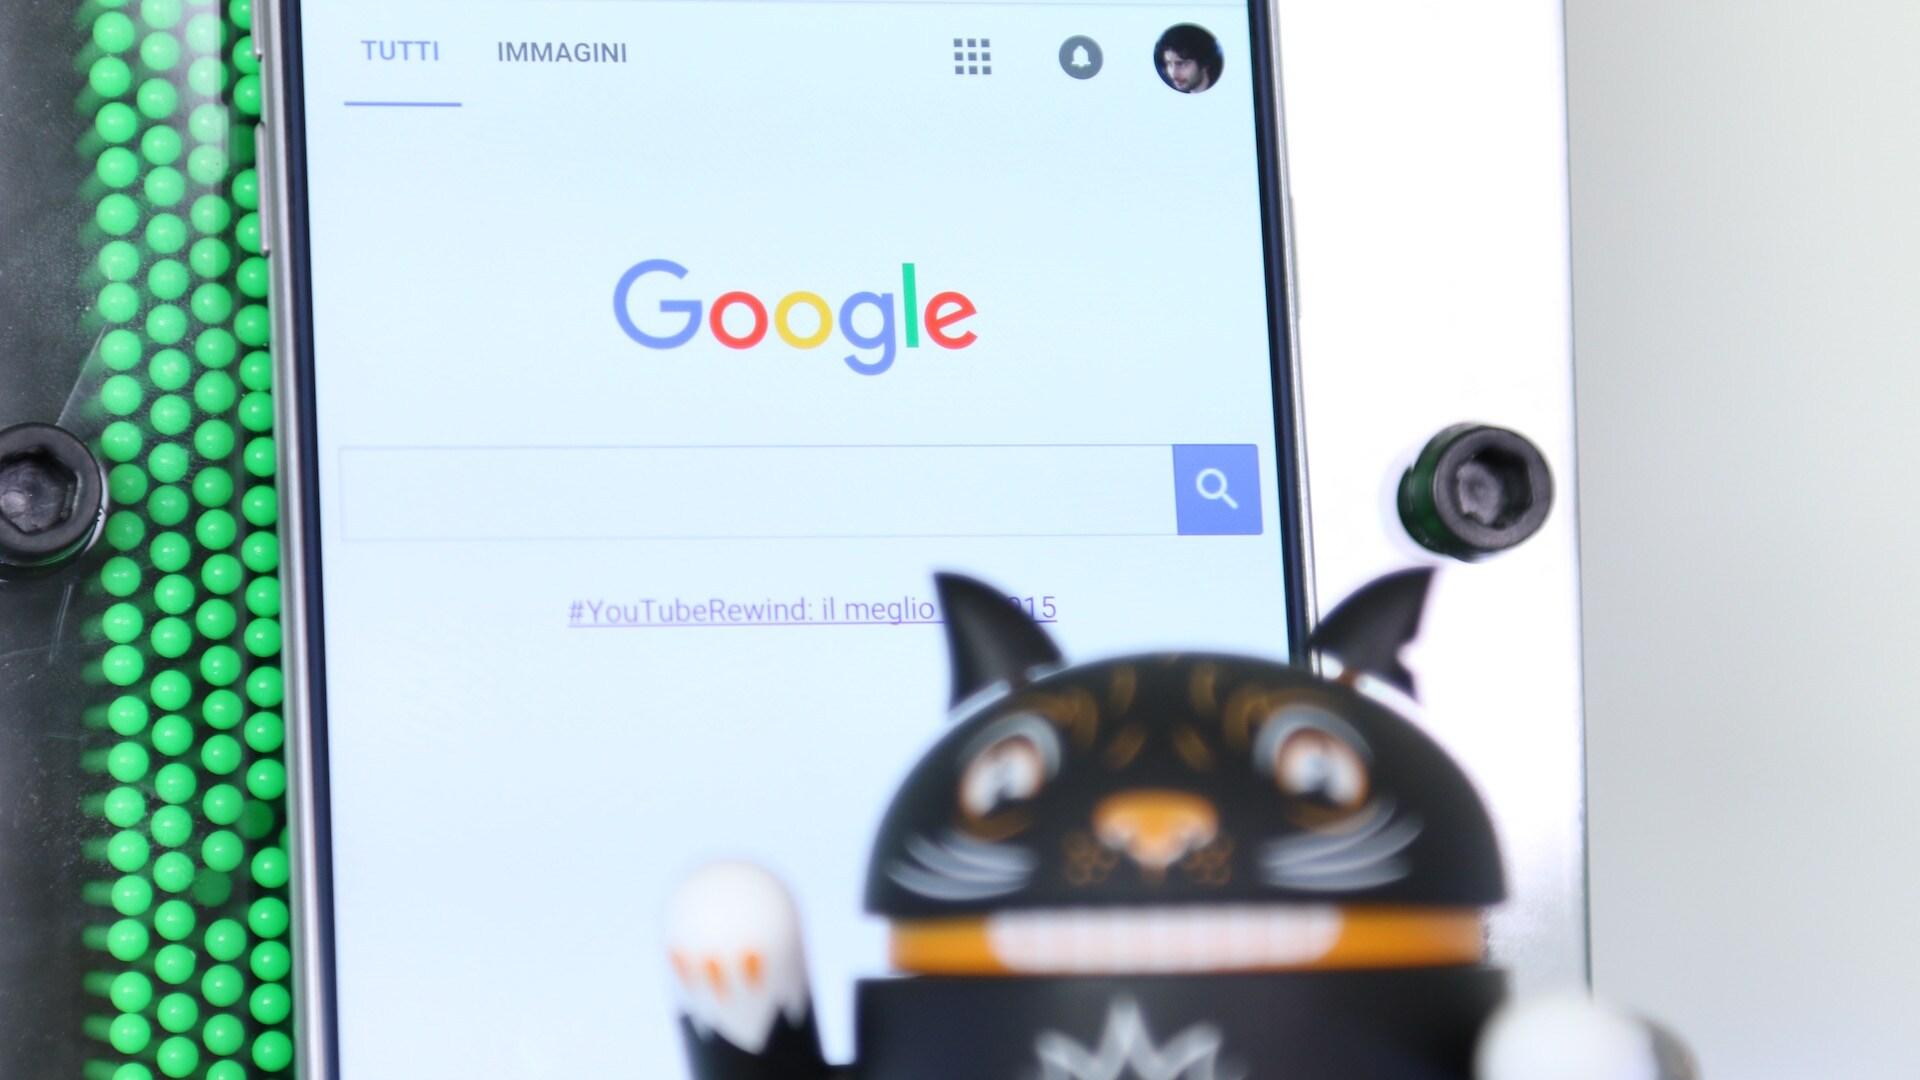 L'app Google ci chiede di valutare l'utilità delle sue notifiche (foto)